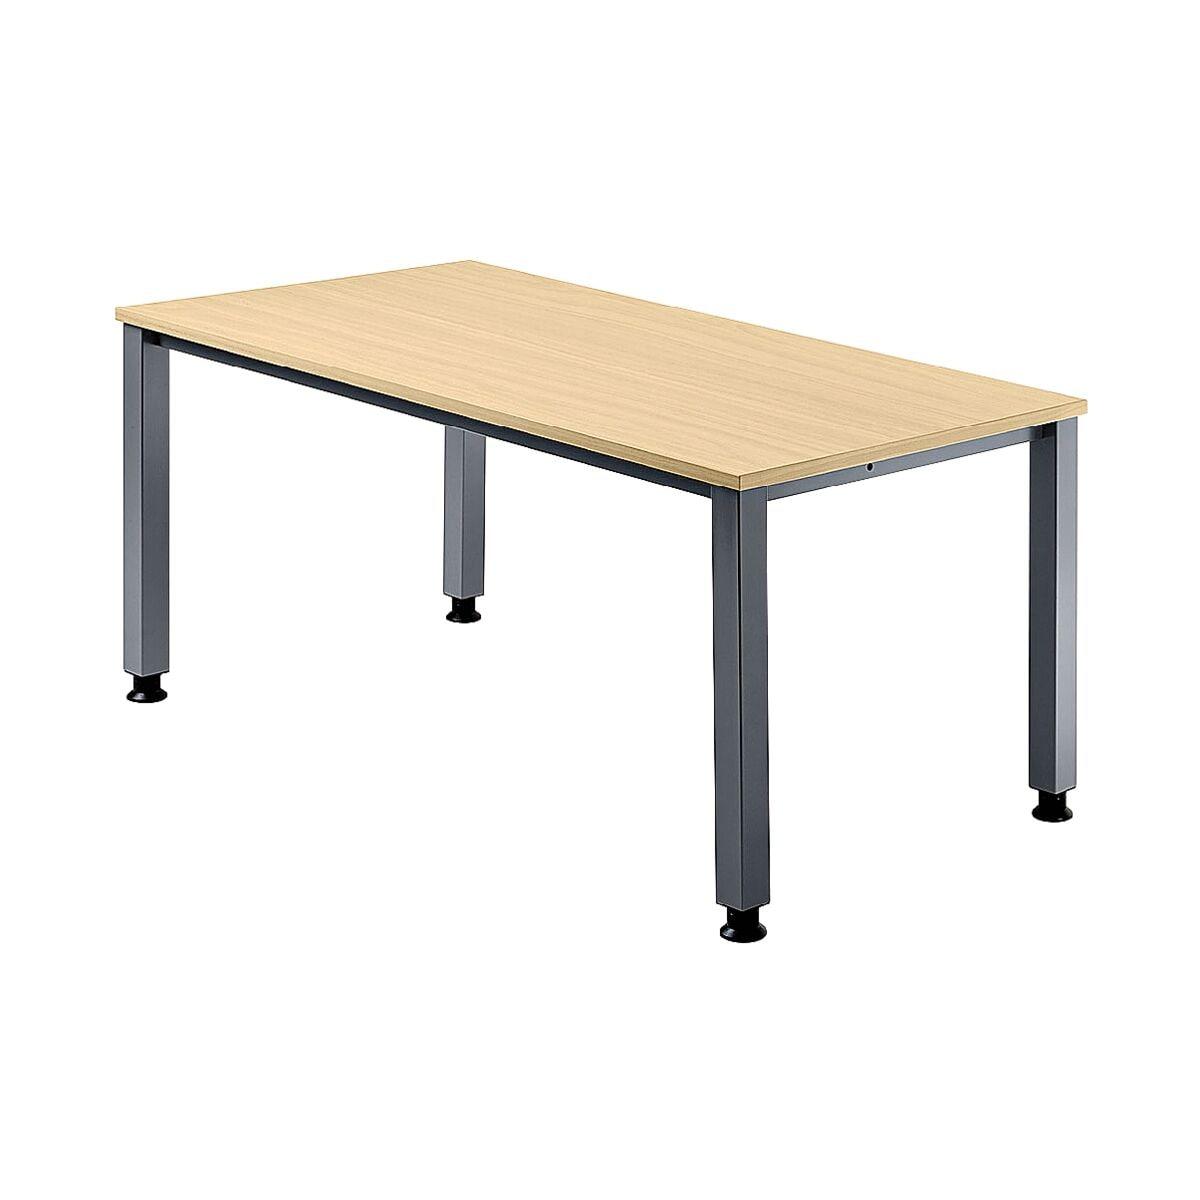 HAMMERBACHER Schreibtisch »Q-Line« 180 cm, 4-Fuß alufarben